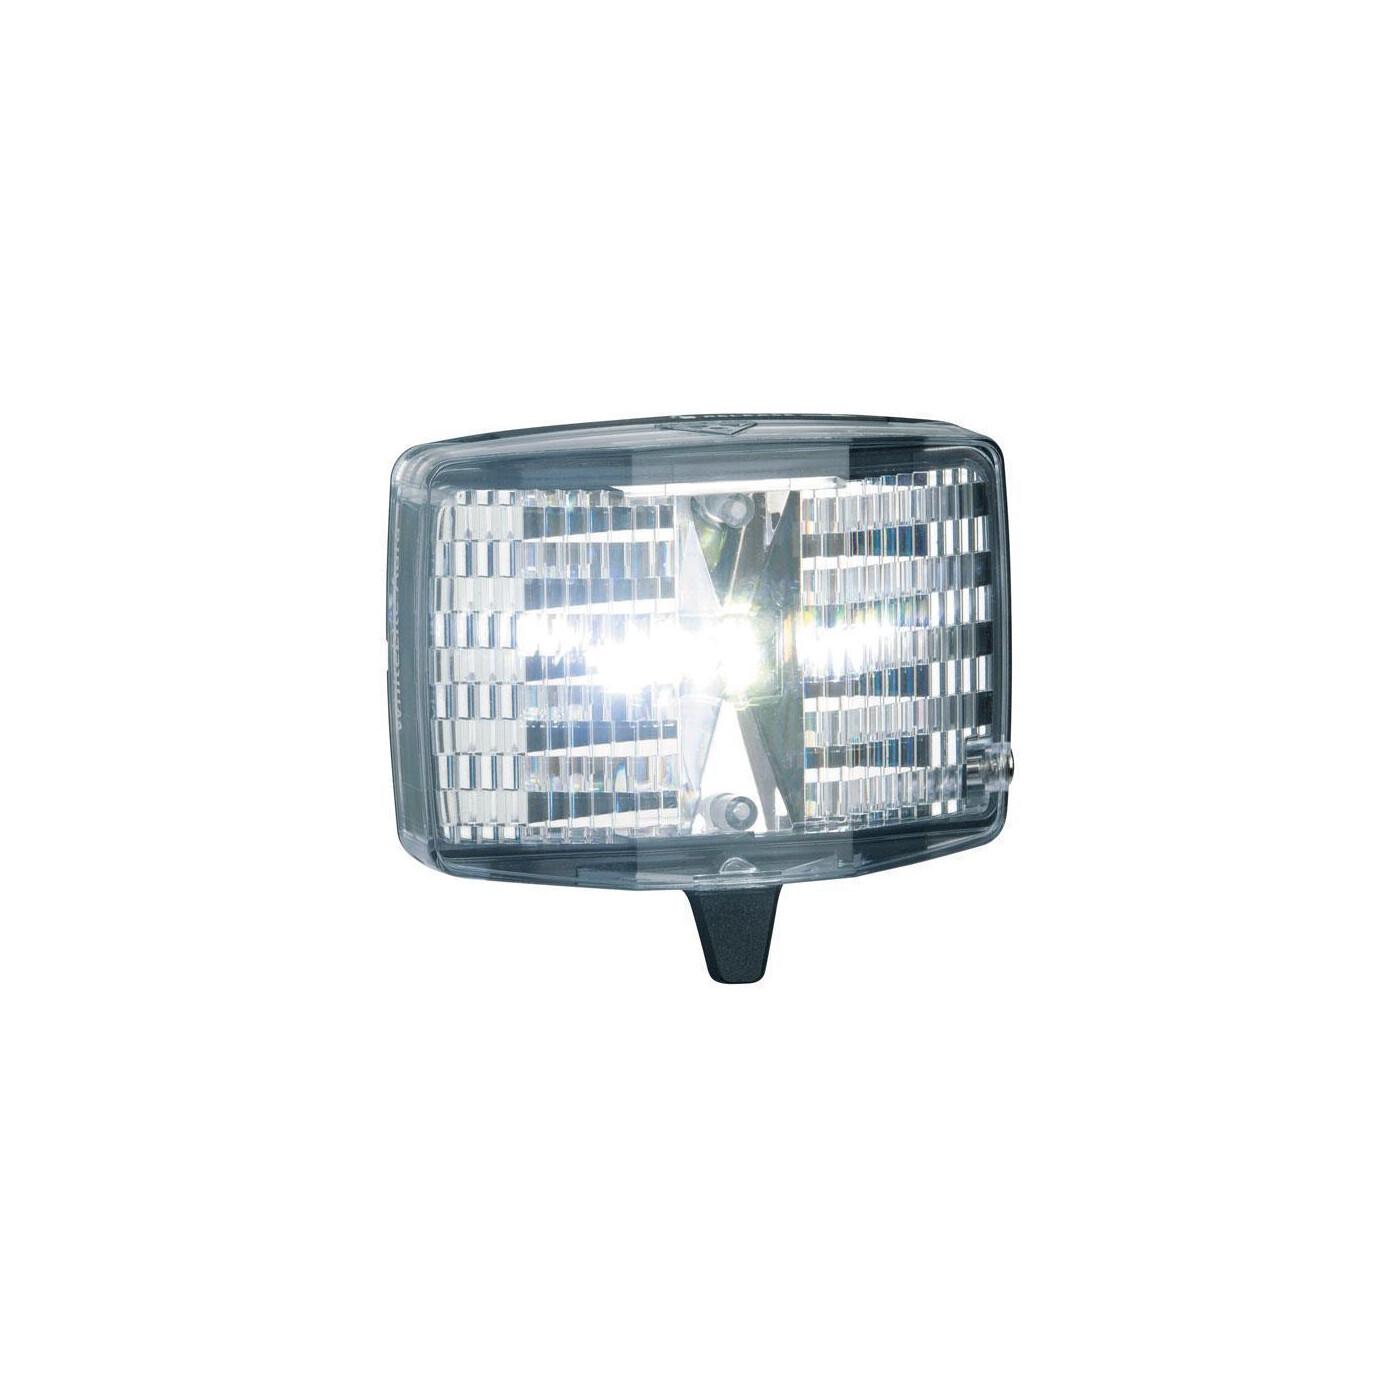 Topeak Beleuchtung   Topeak Beleuchtung Whitelite Aura 19 45